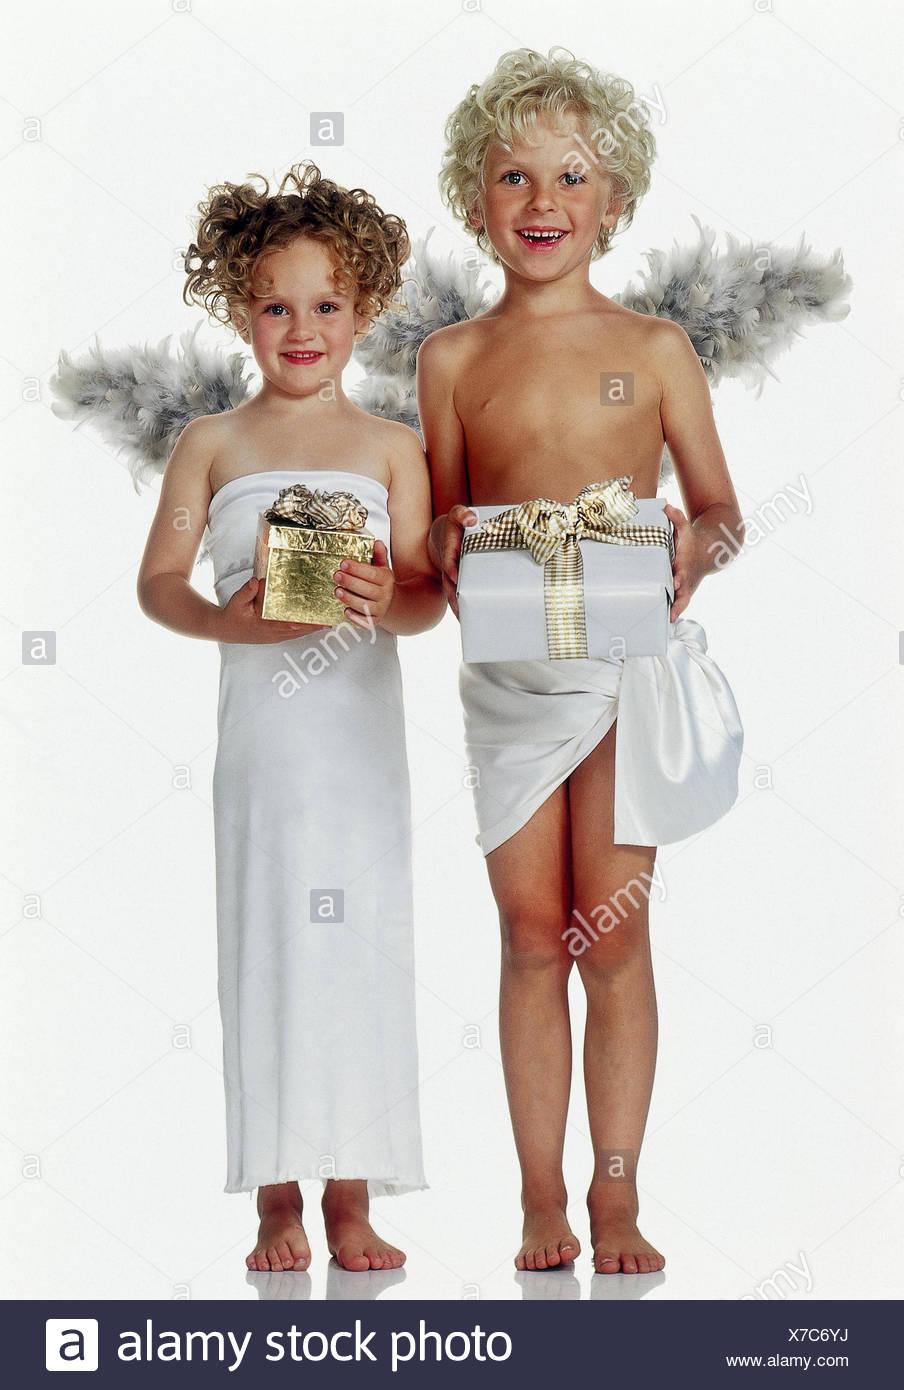 Junge, Mädchen, Engel, Weihnachtsgeschenke, Weihnachten, Weihnachten ...